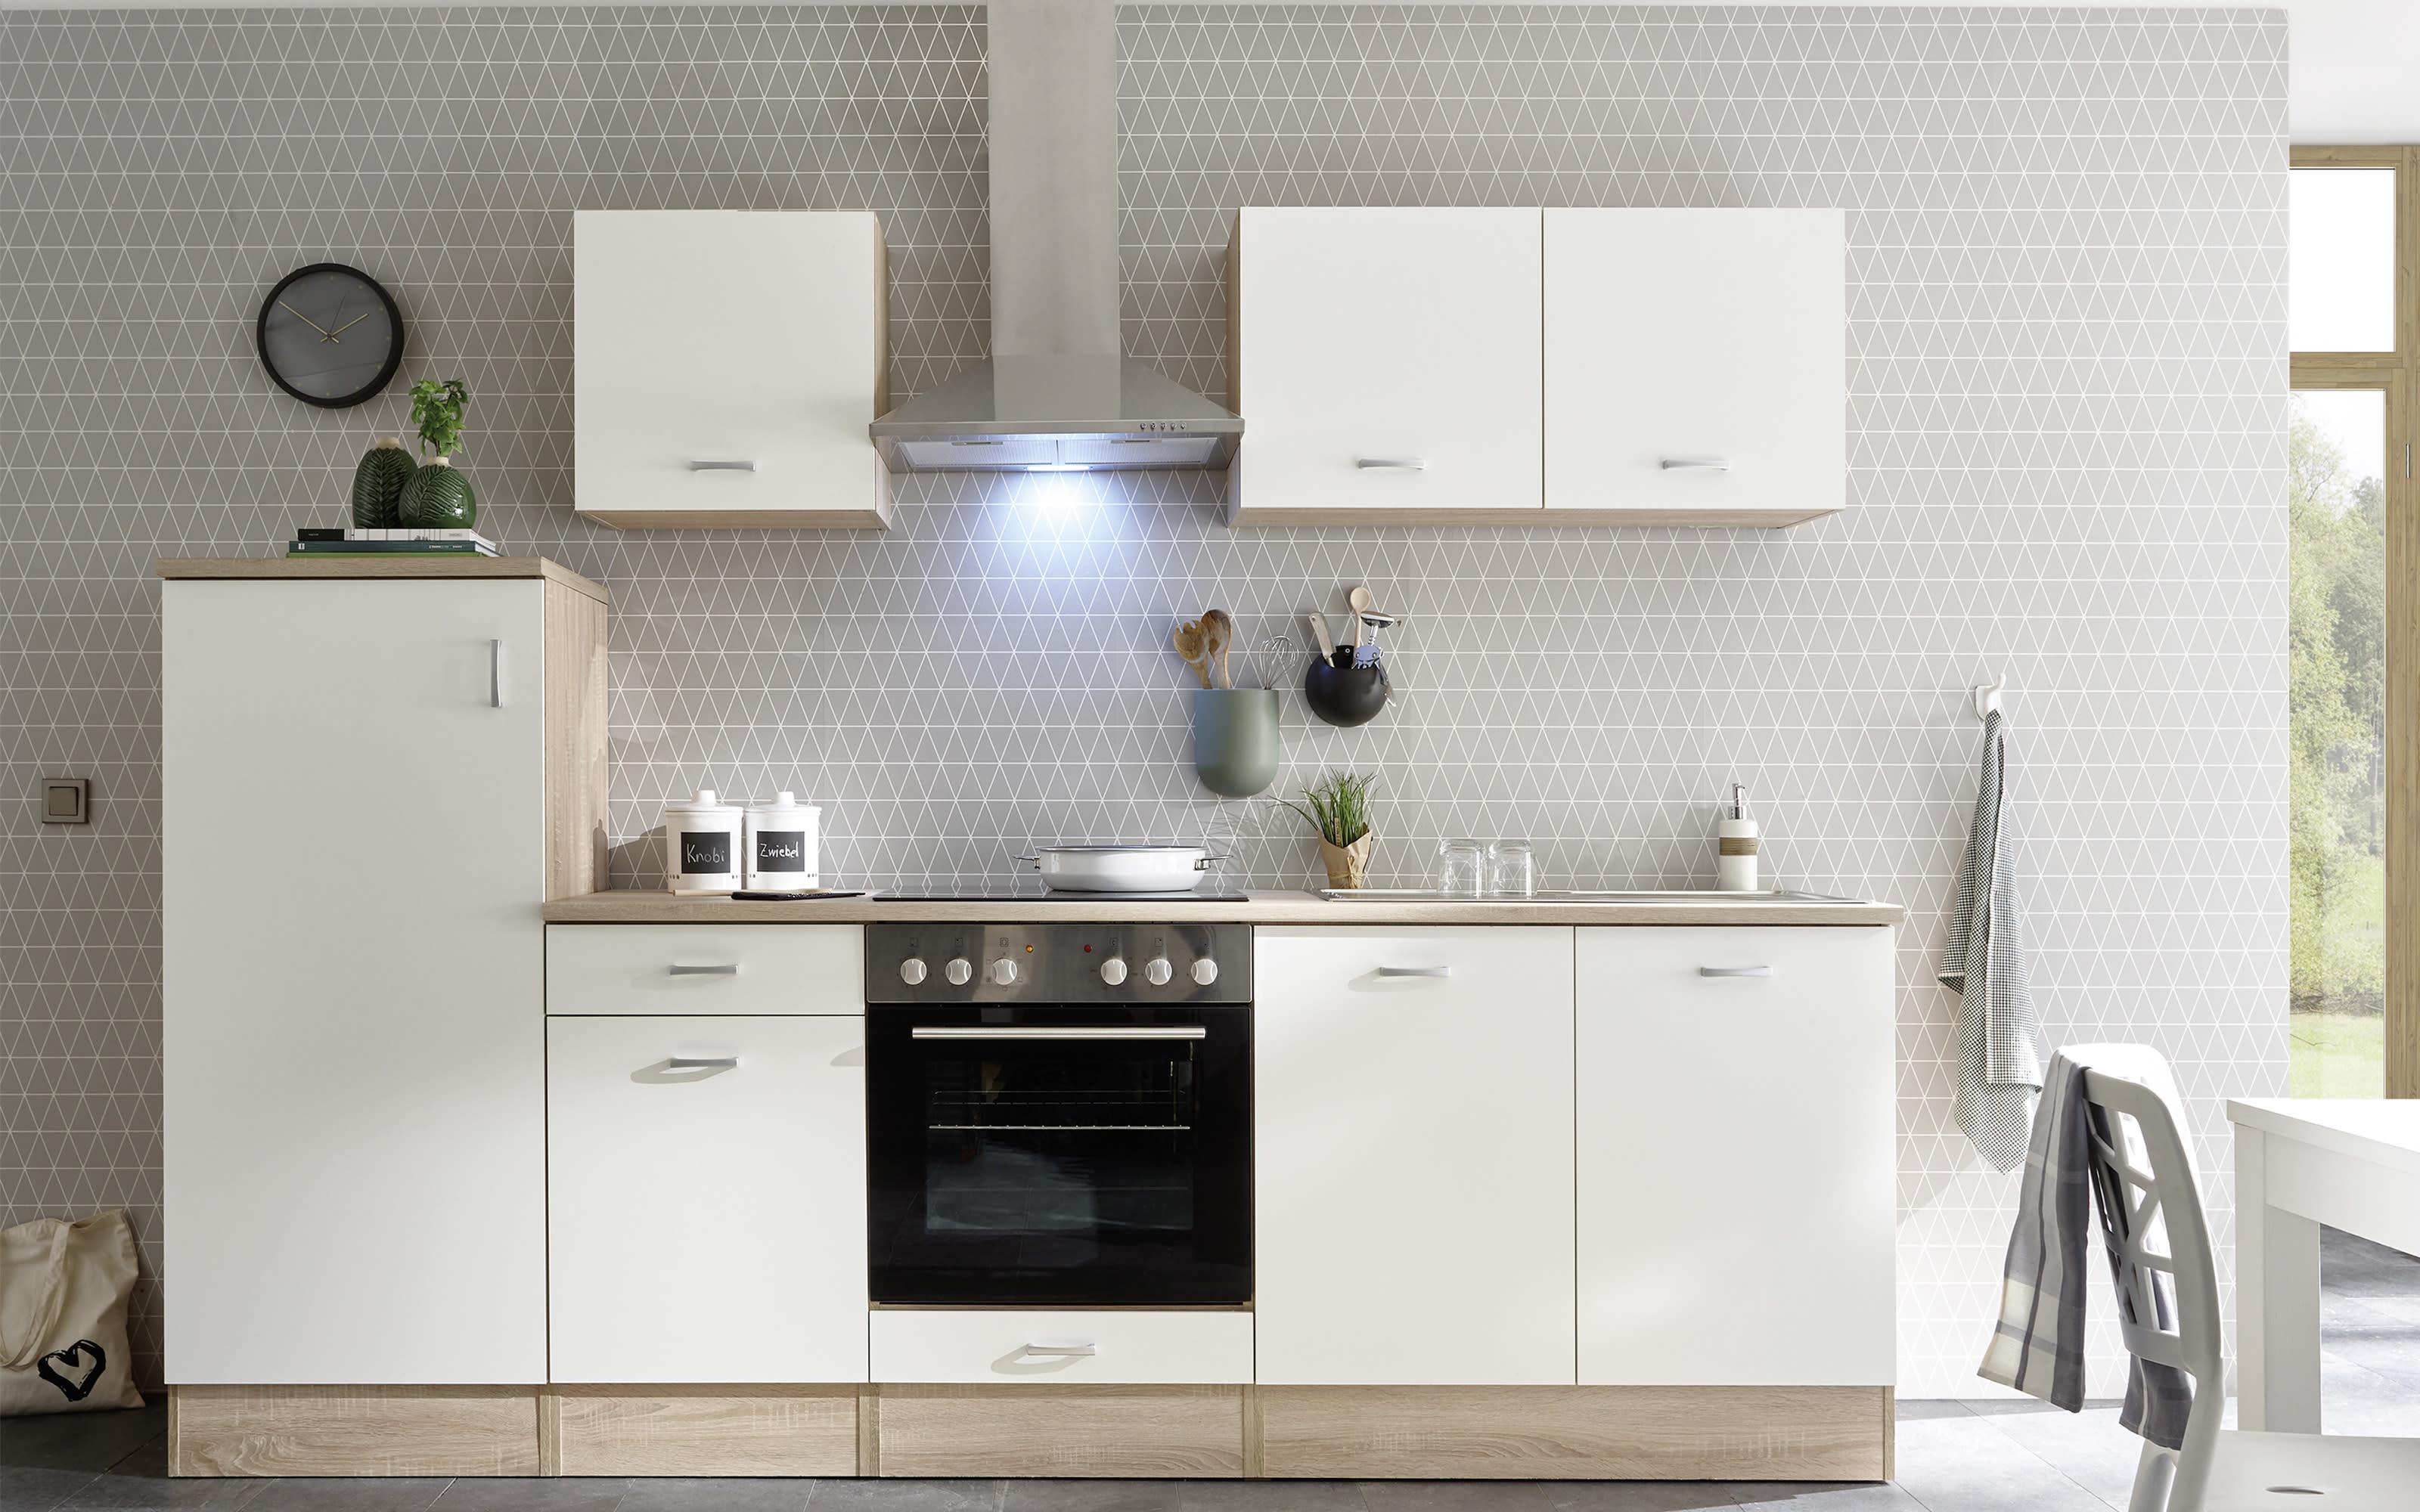 Küchenblock Andy in weiß/Sonoma-Eiche-Nachbildung, ohne Elektrogeräte